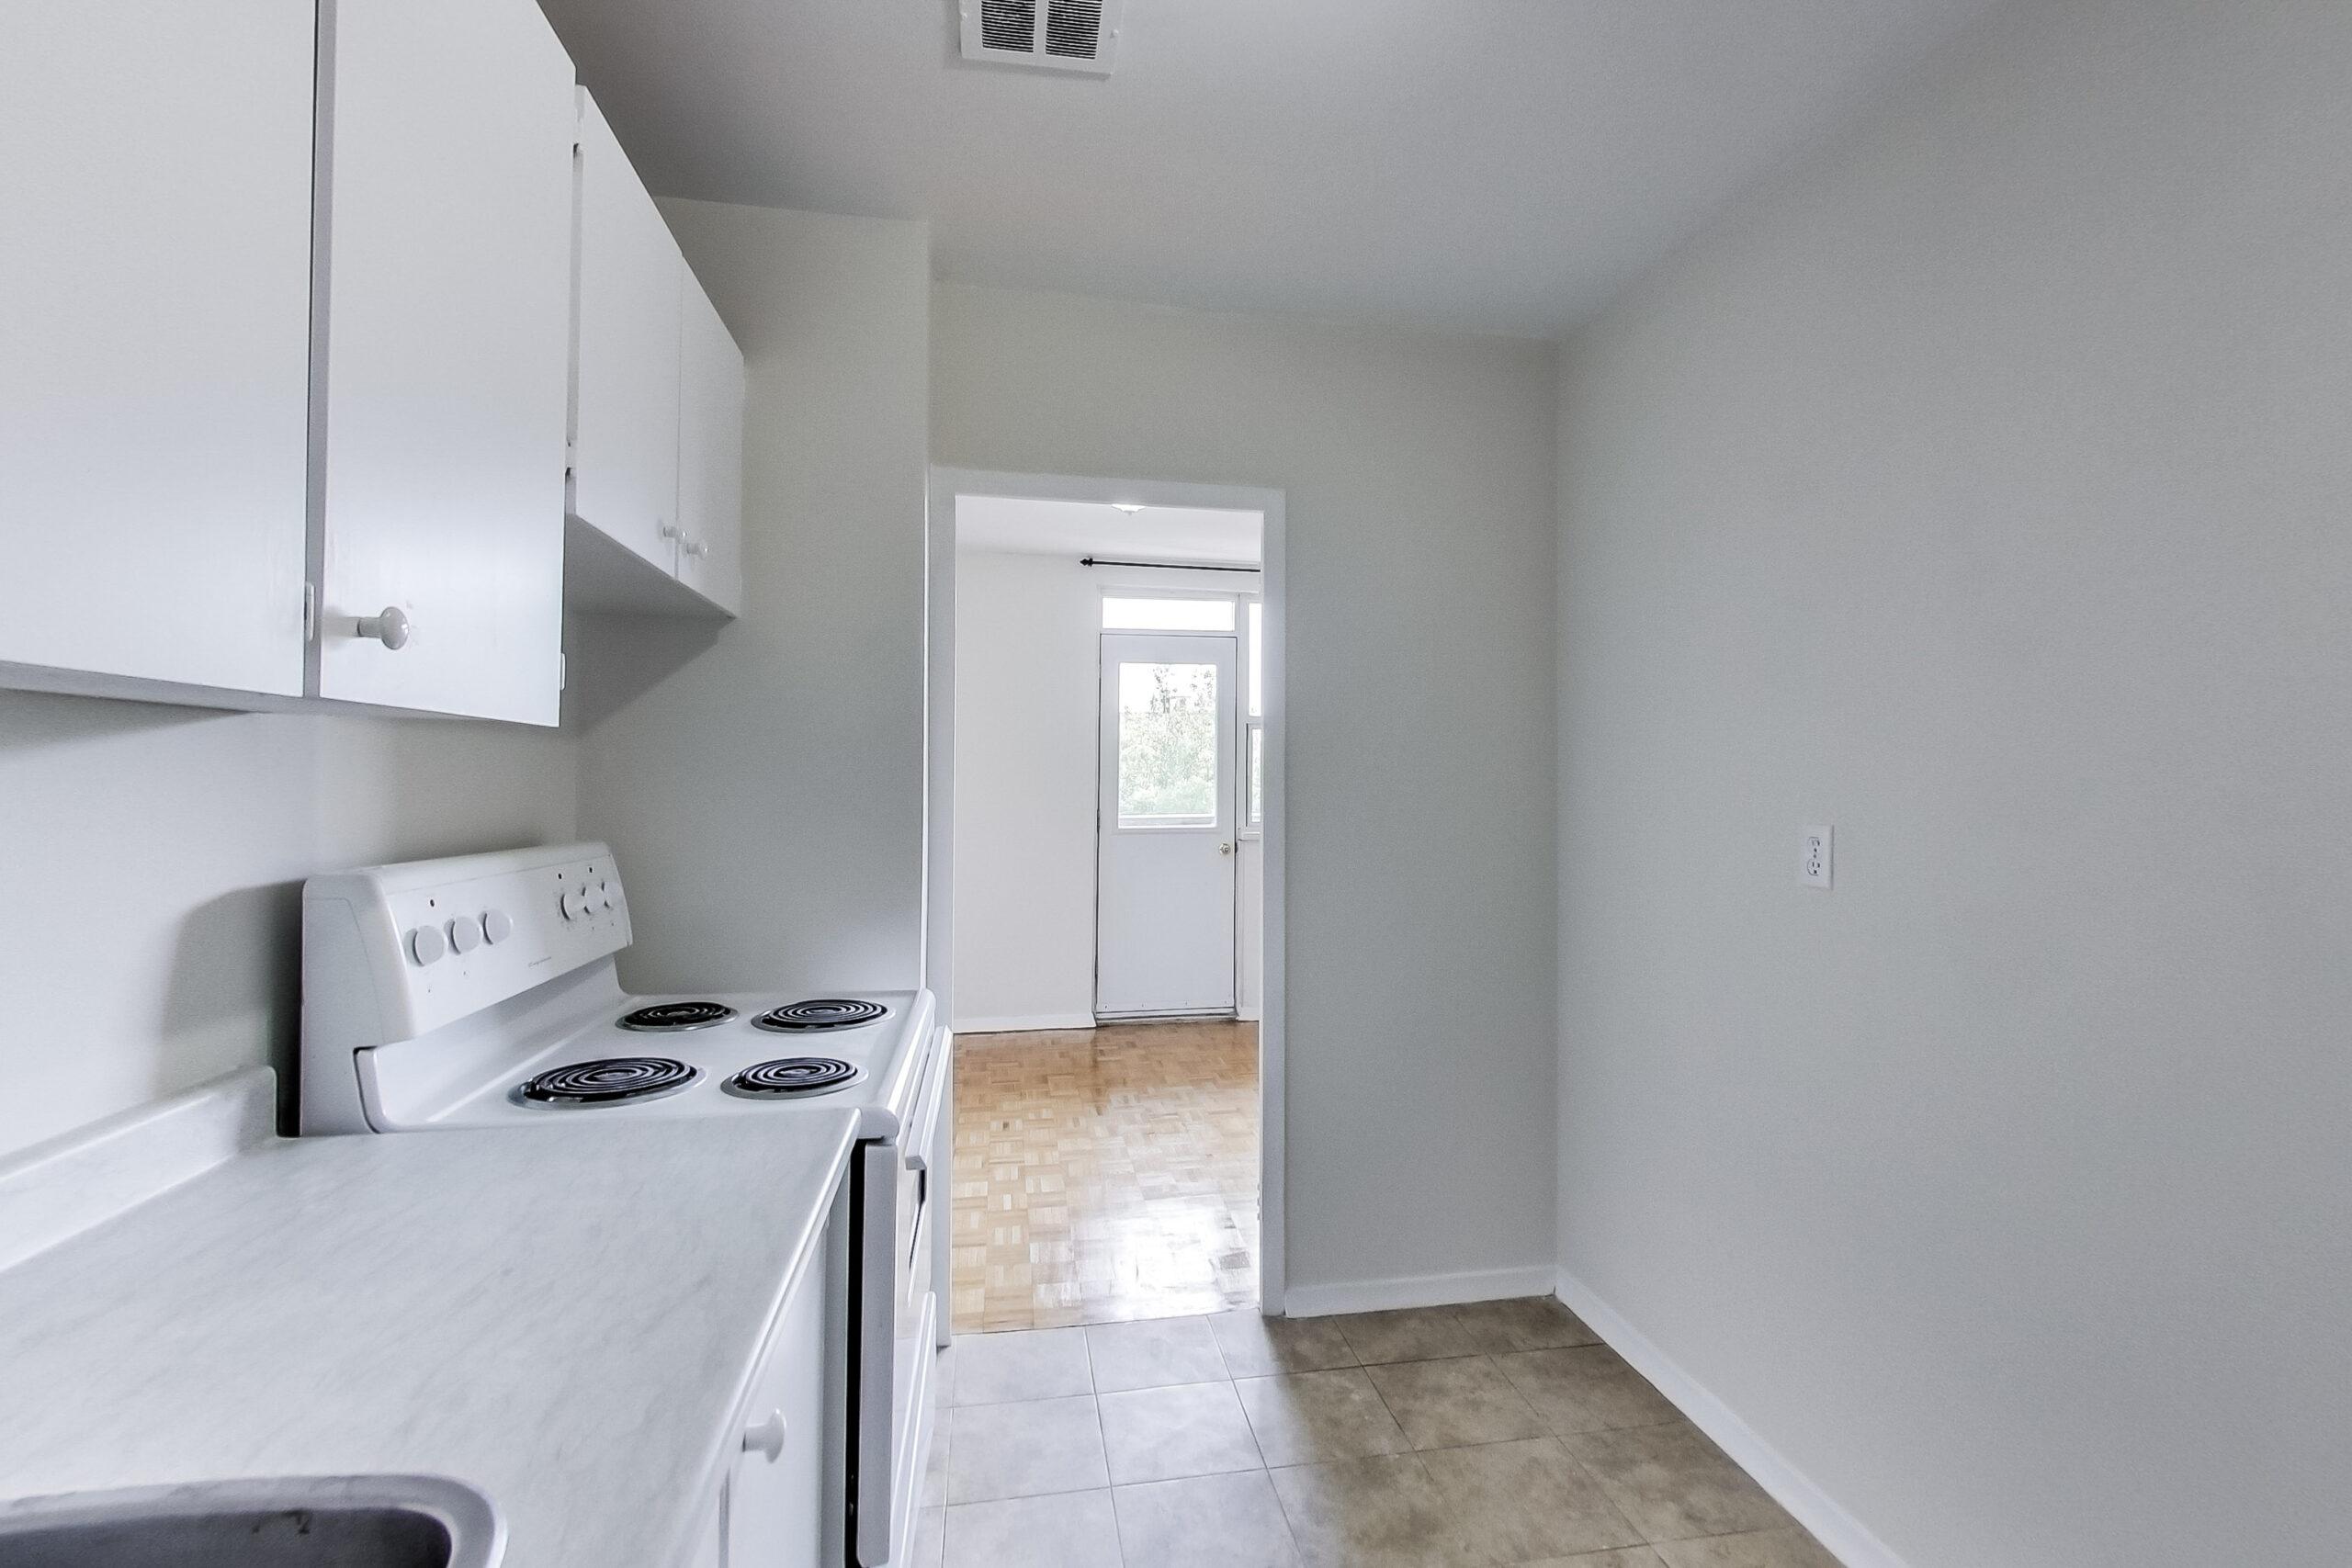 1 bedroom kitchen